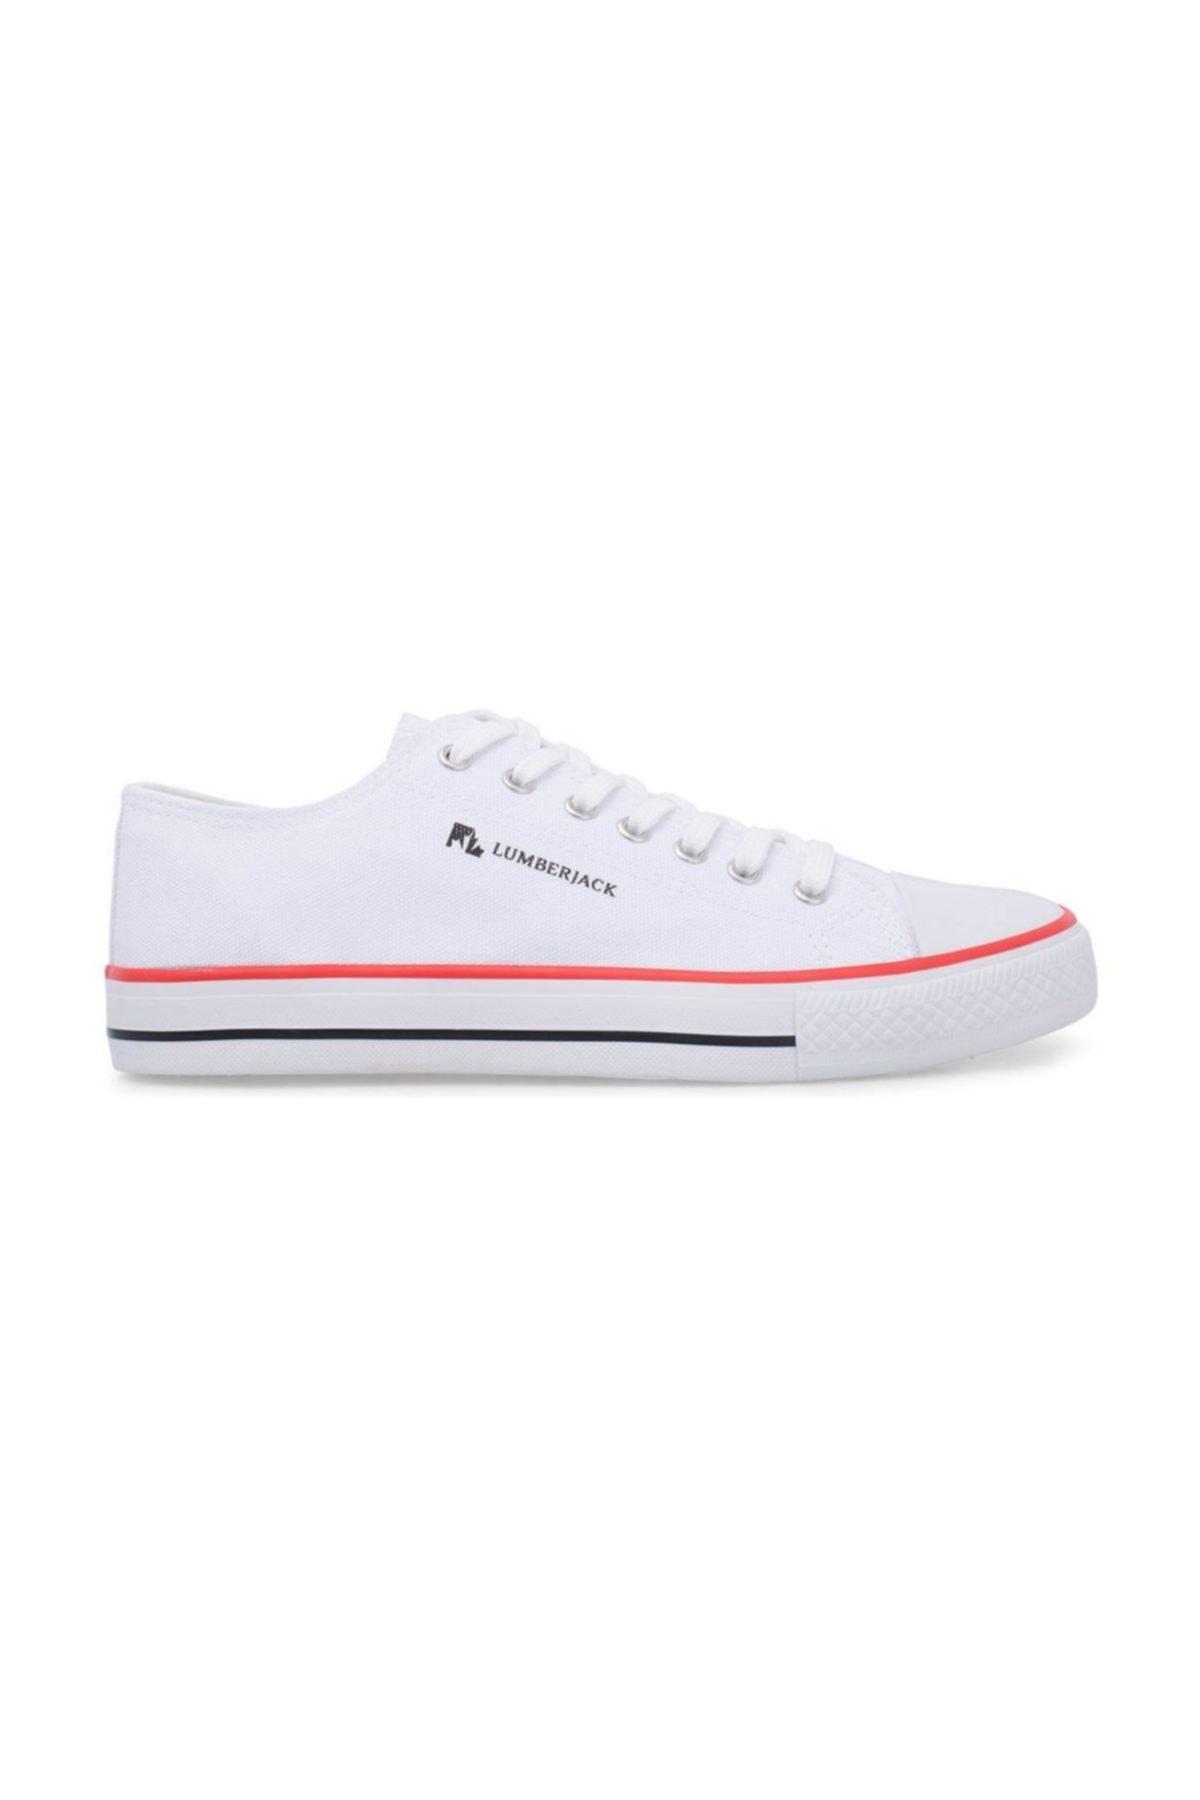 lumberjack MAXWELL Beyaz Erkek Kalın Taban Sneaker Spor Ayakkabı 100506839 1